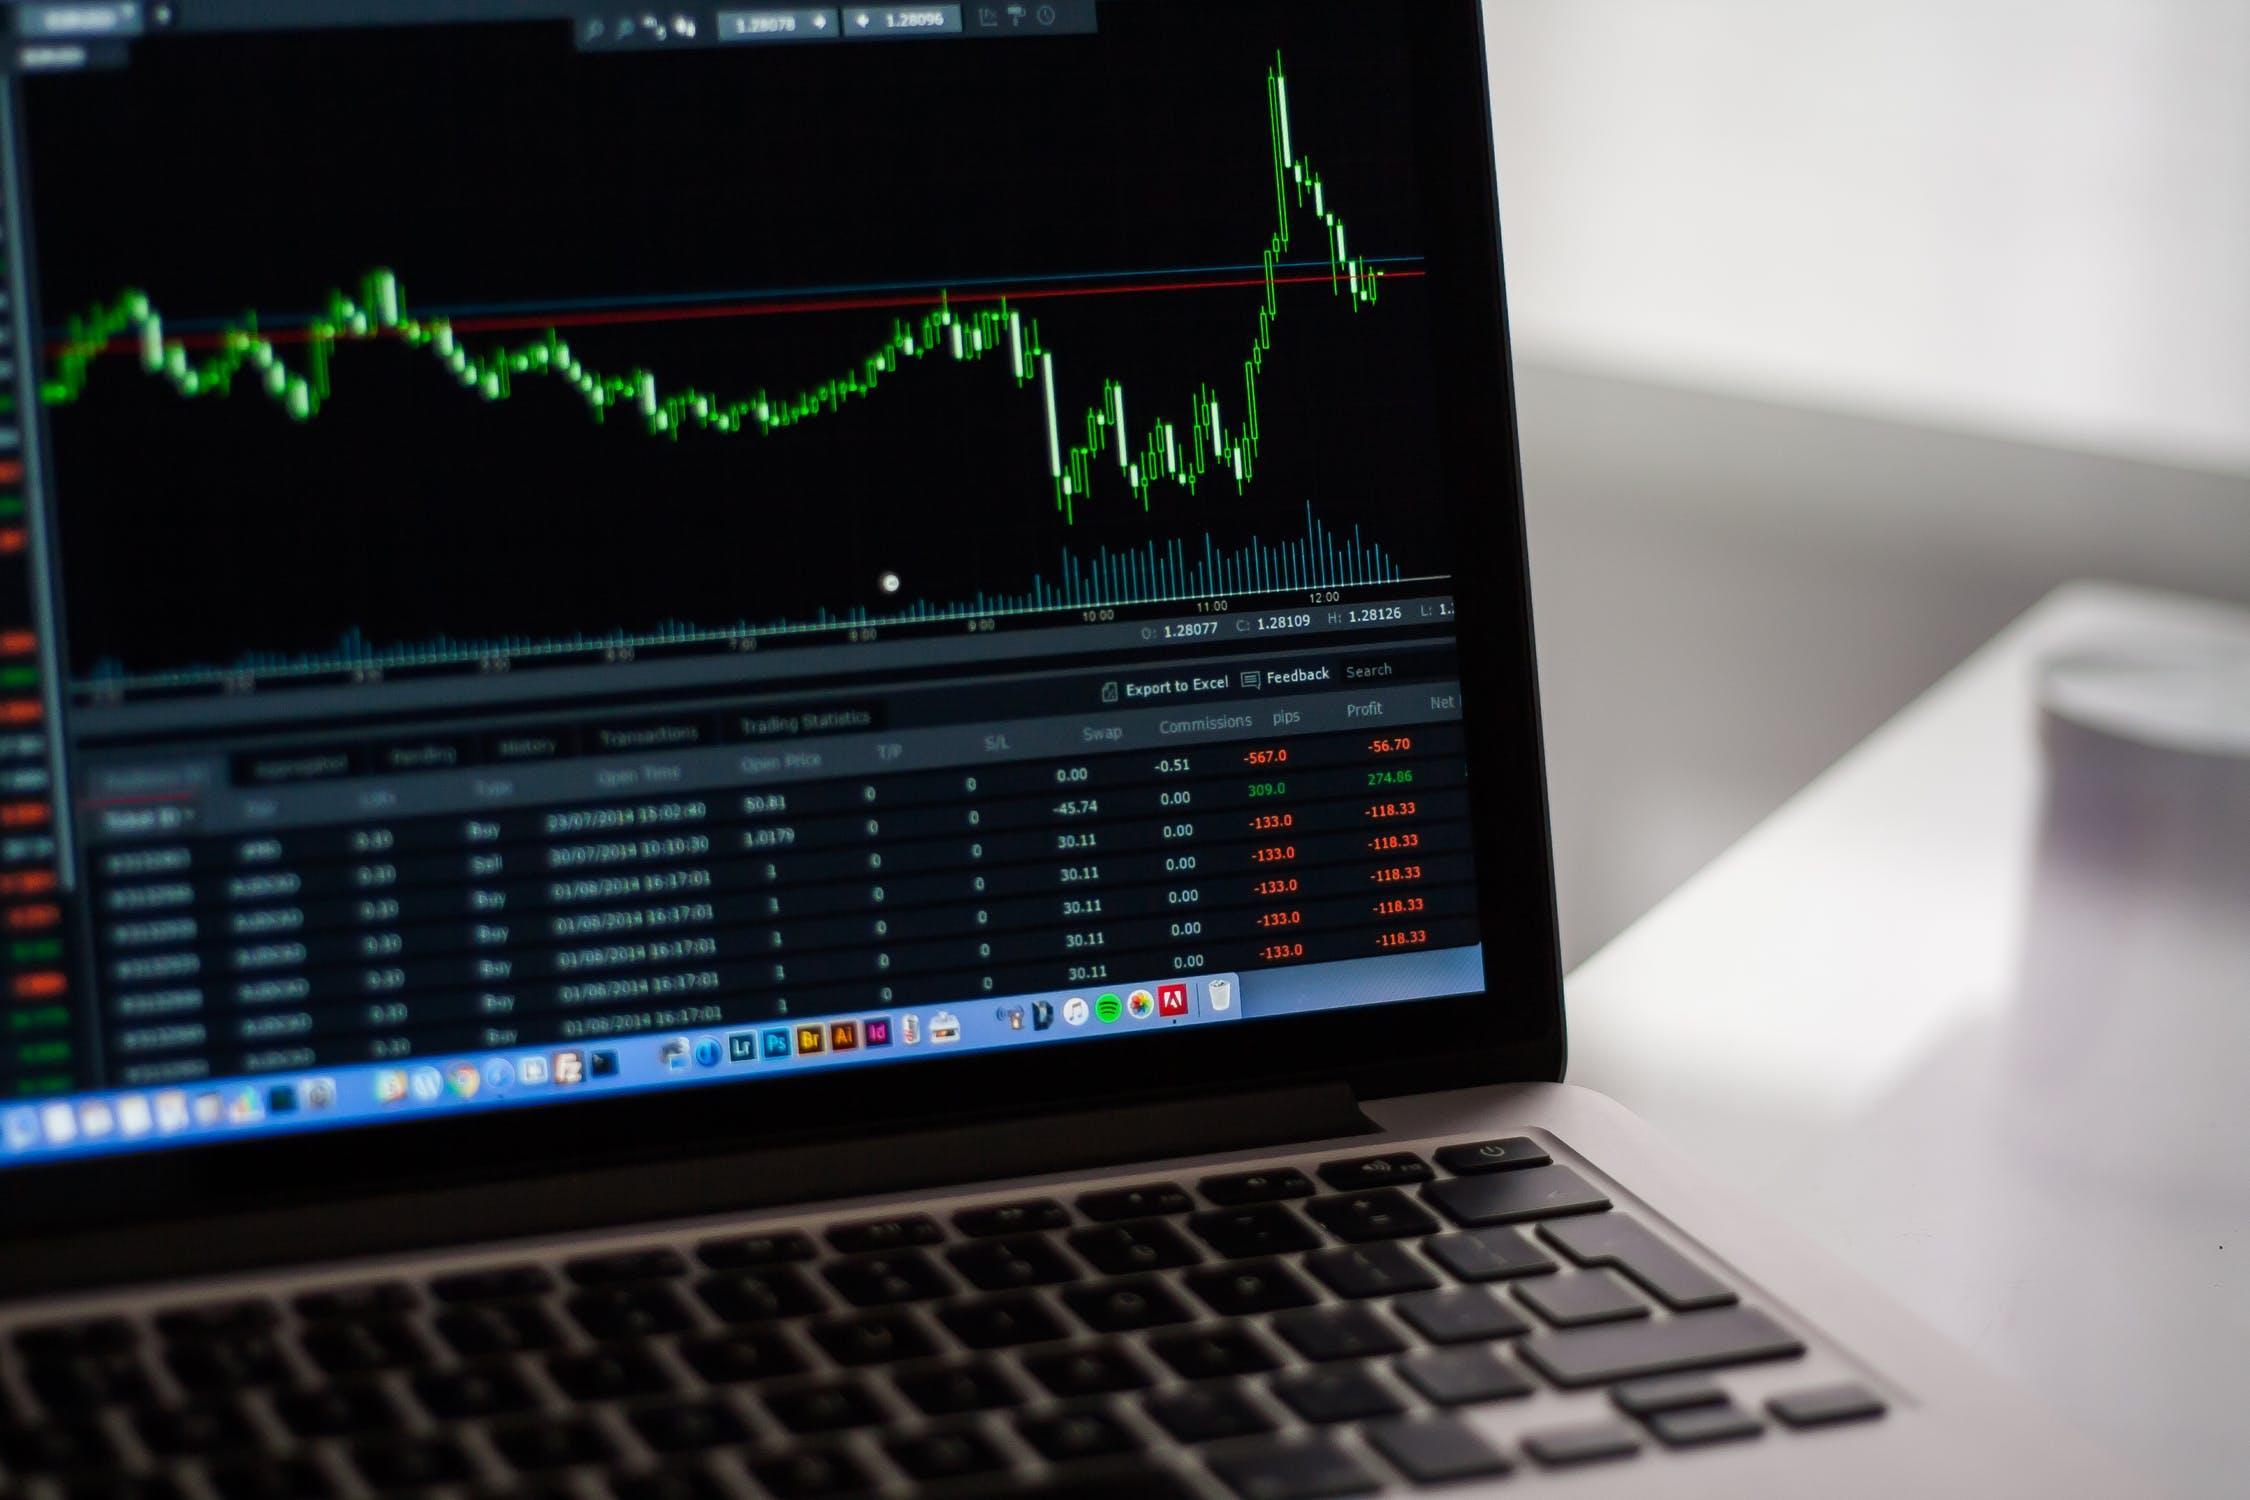 美股回春 标普500指数短期有望冲击2800点